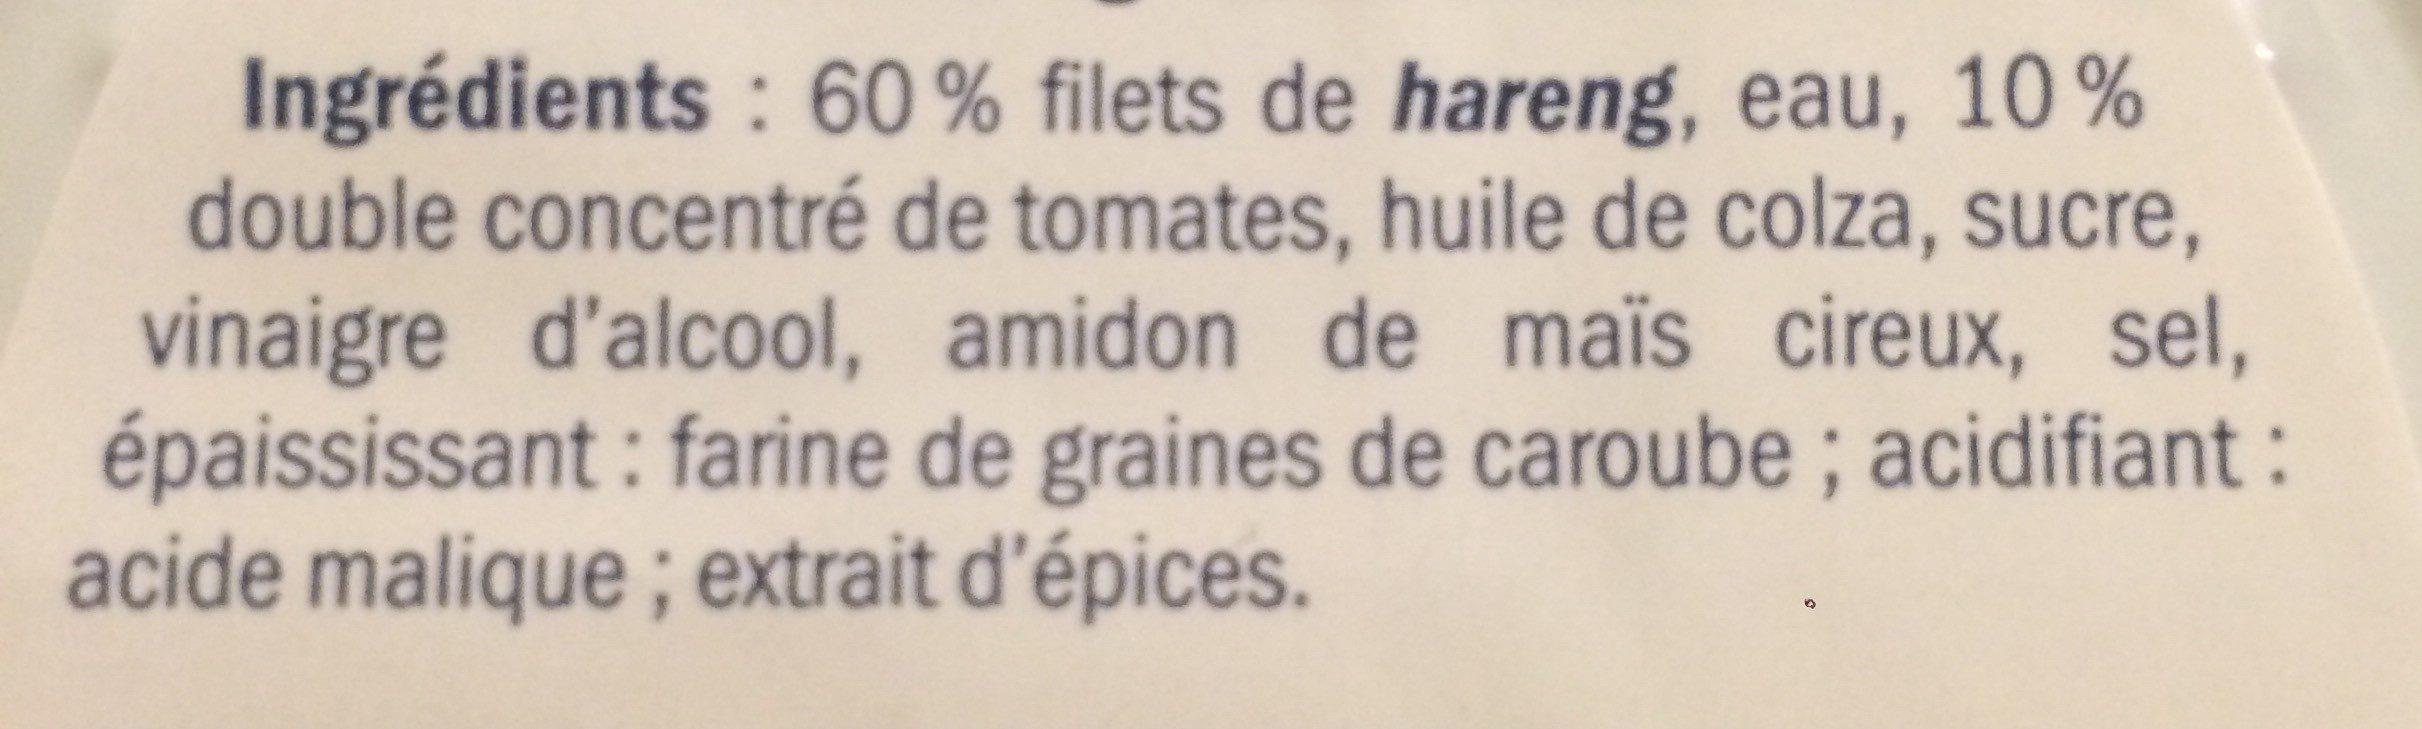 Heringsfilet In Tomatensauce / Fischerstolz - Ingrediënten